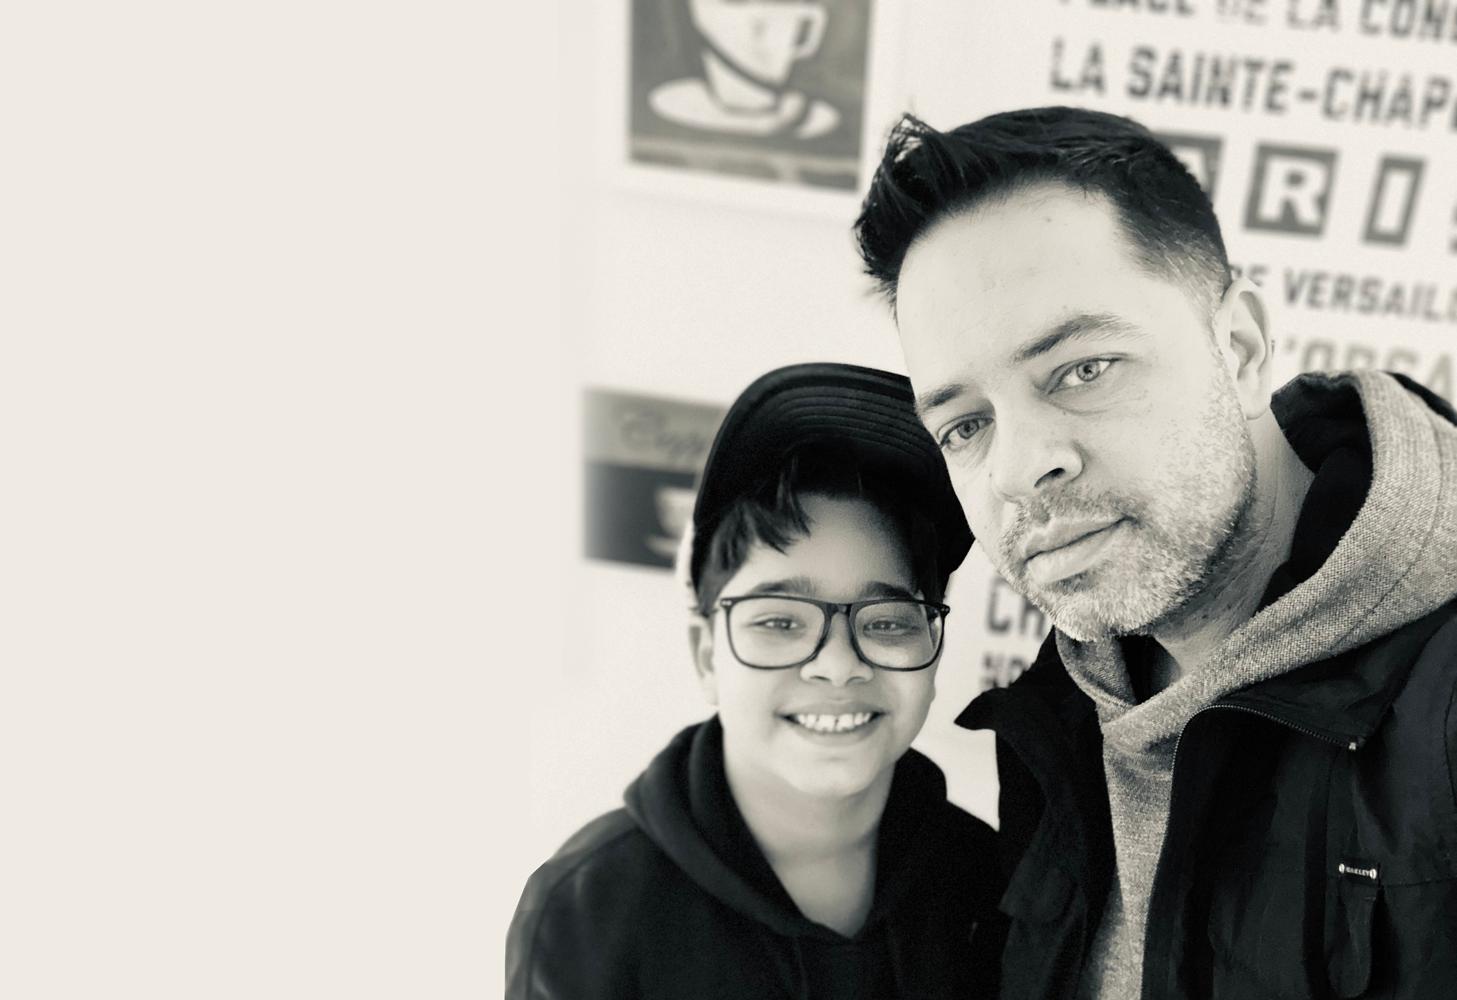 Dash Rexx projeto de pai e filho lança a track Lets Go pela No Definition Records